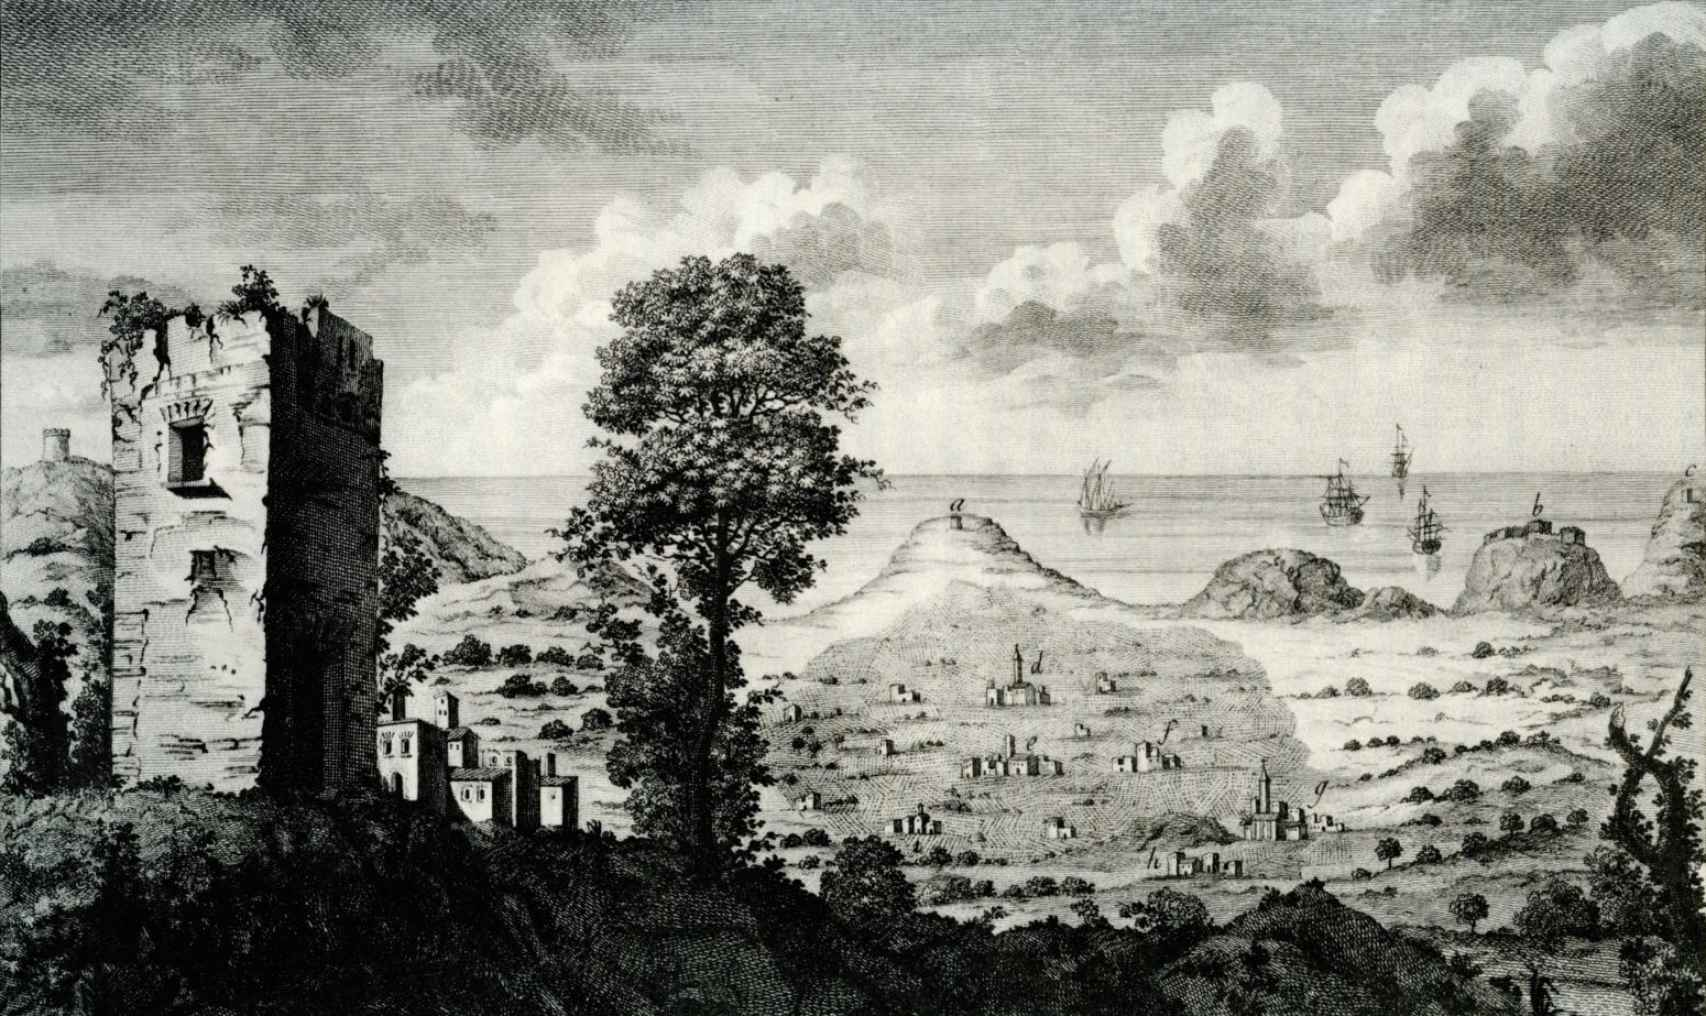 Vista de la huerta de Alicante según Cavanilles.